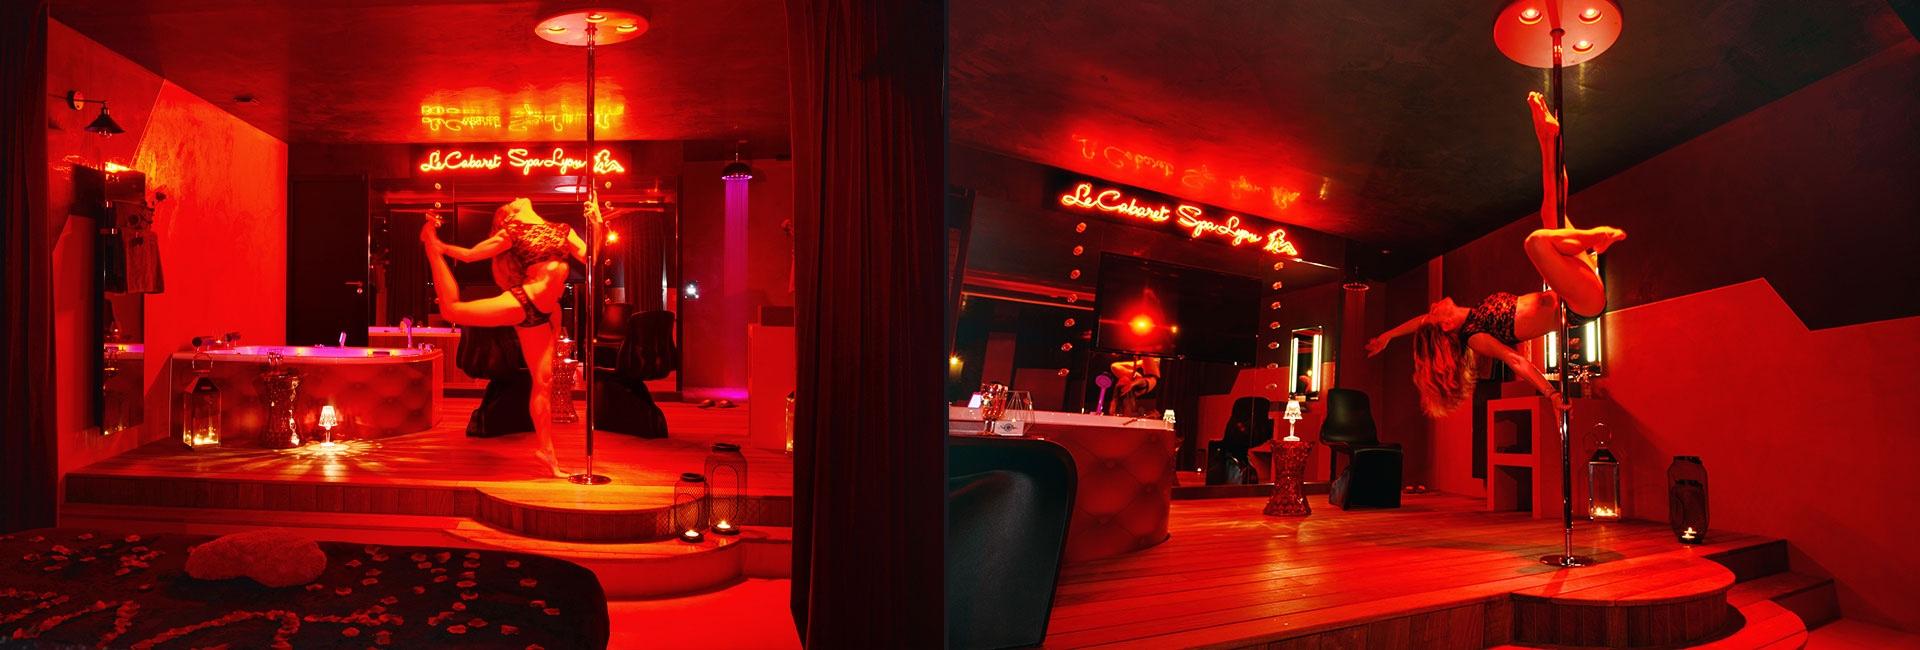 Suite-avec-jacuzzi-privatif-Le-Cabaret-spa.jpg